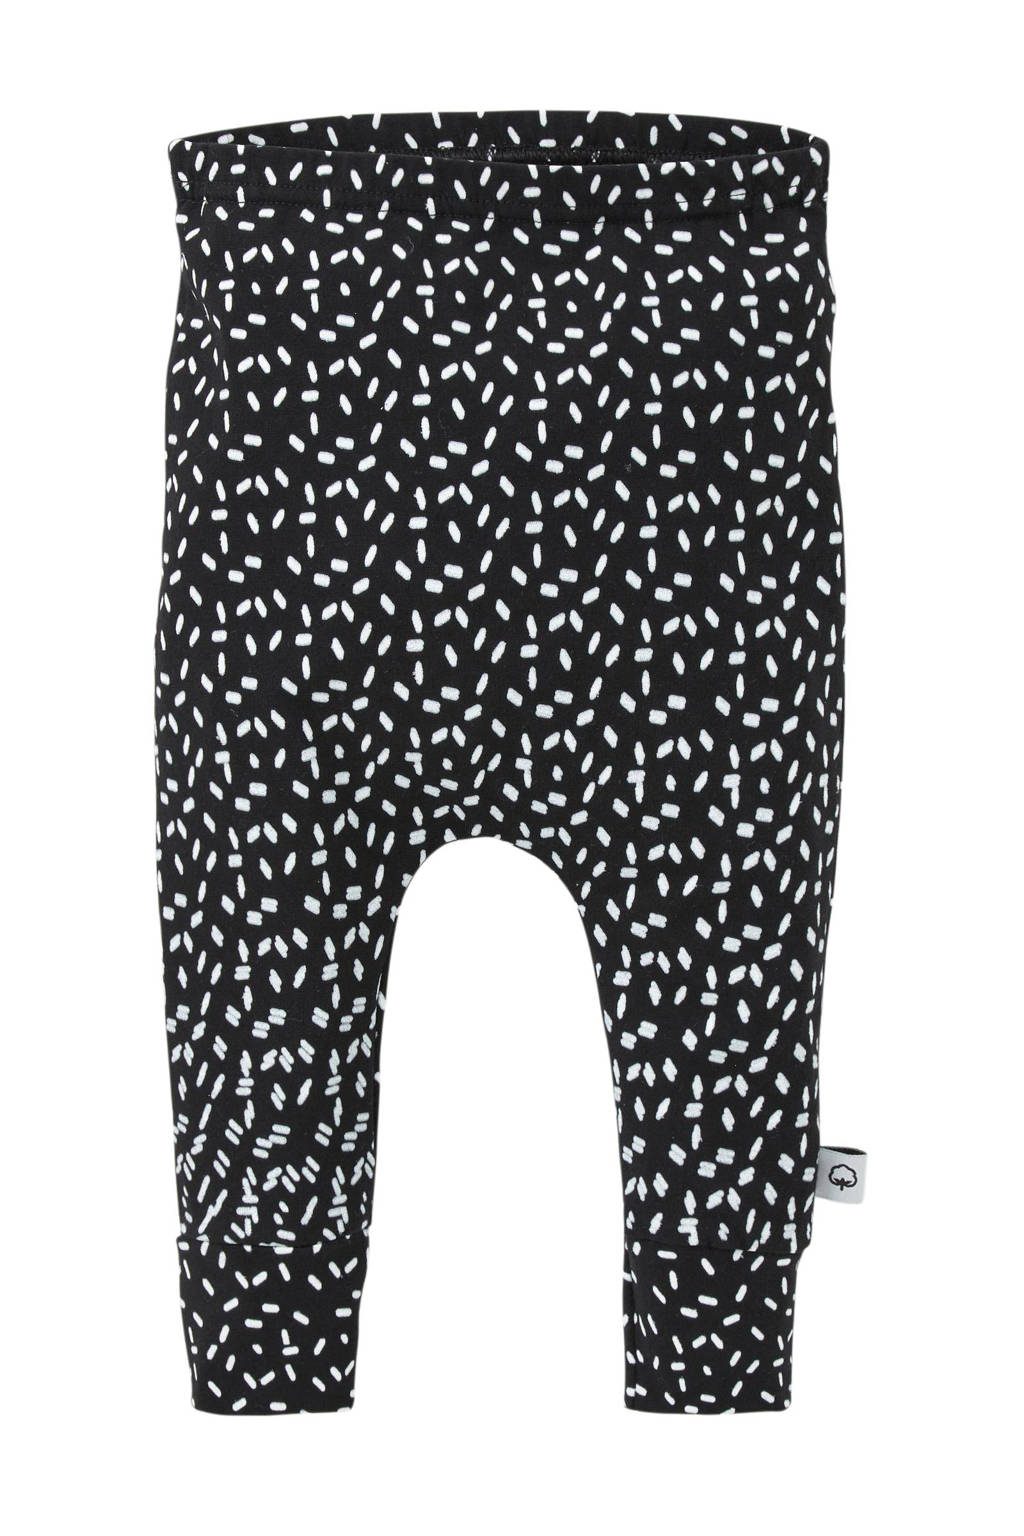 WOODEN baby broek met all over print zwart, Zwart/wit